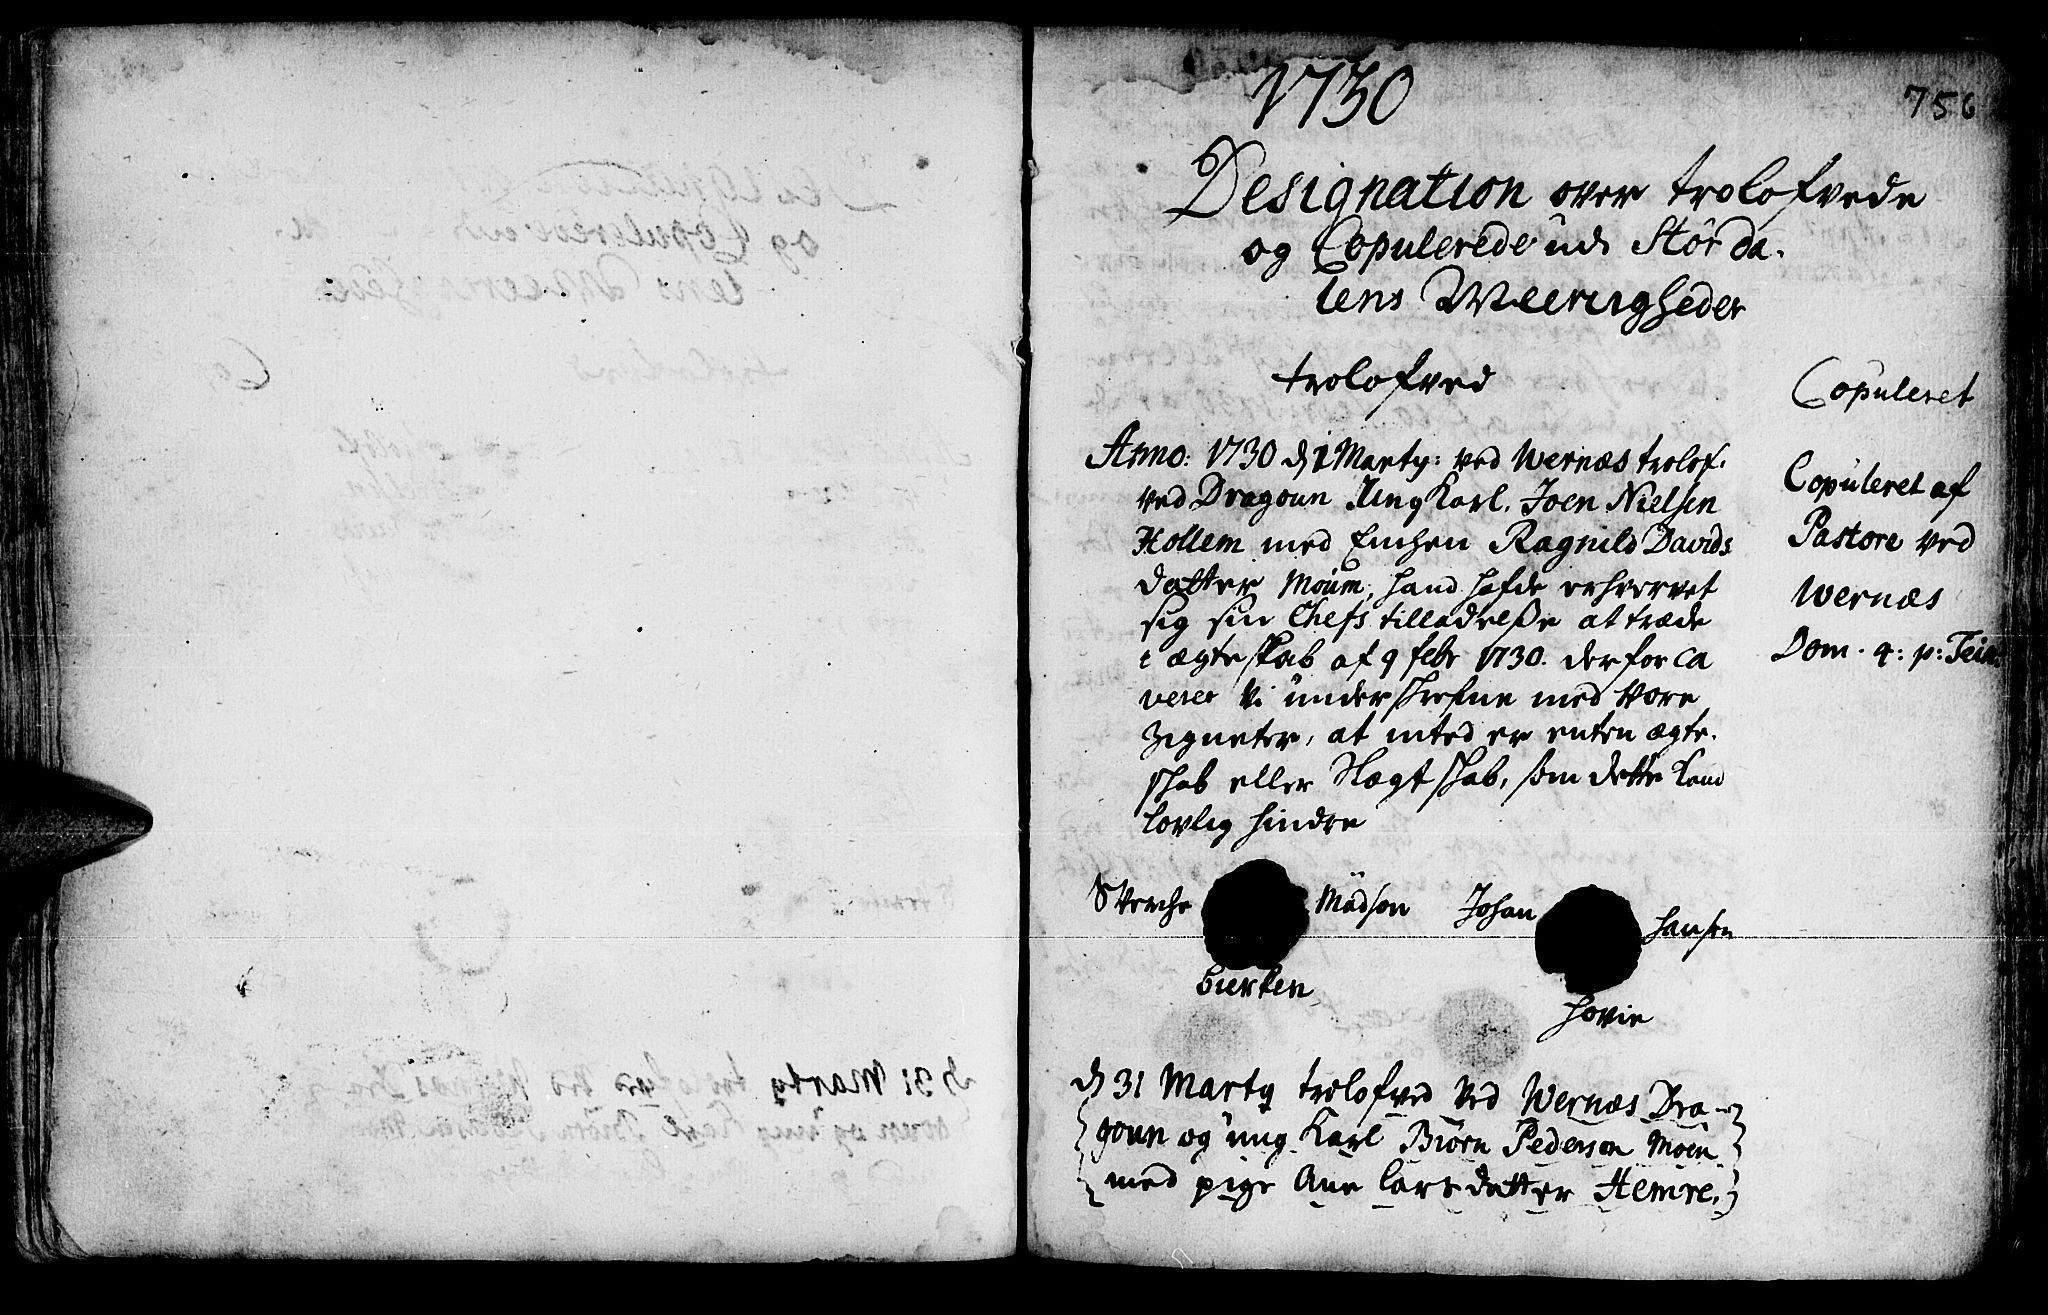 SAT, Ministerialprotokoller, klokkerbøker og fødselsregistre - Nord-Trøndelag, 709/L0055: Ministerialbok nr. 709A03, 1730-1739, s. 755-756